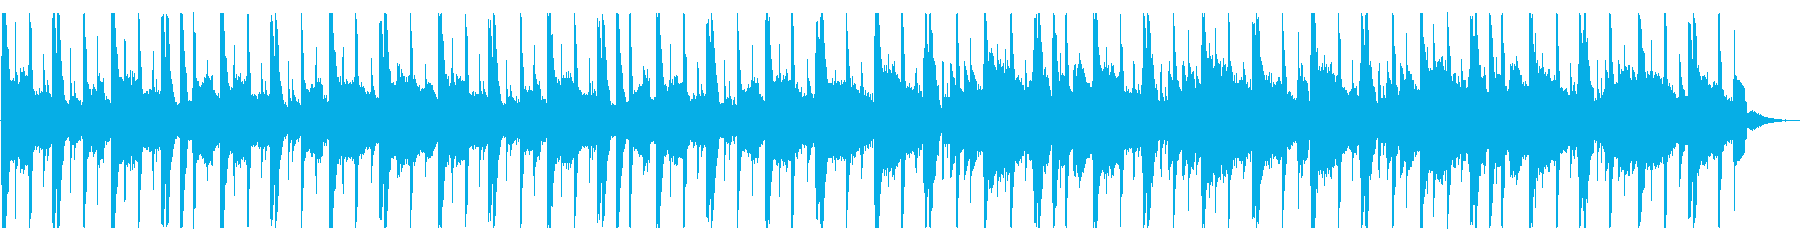 溶けそうなR&B_No635_2の再生済みの波形